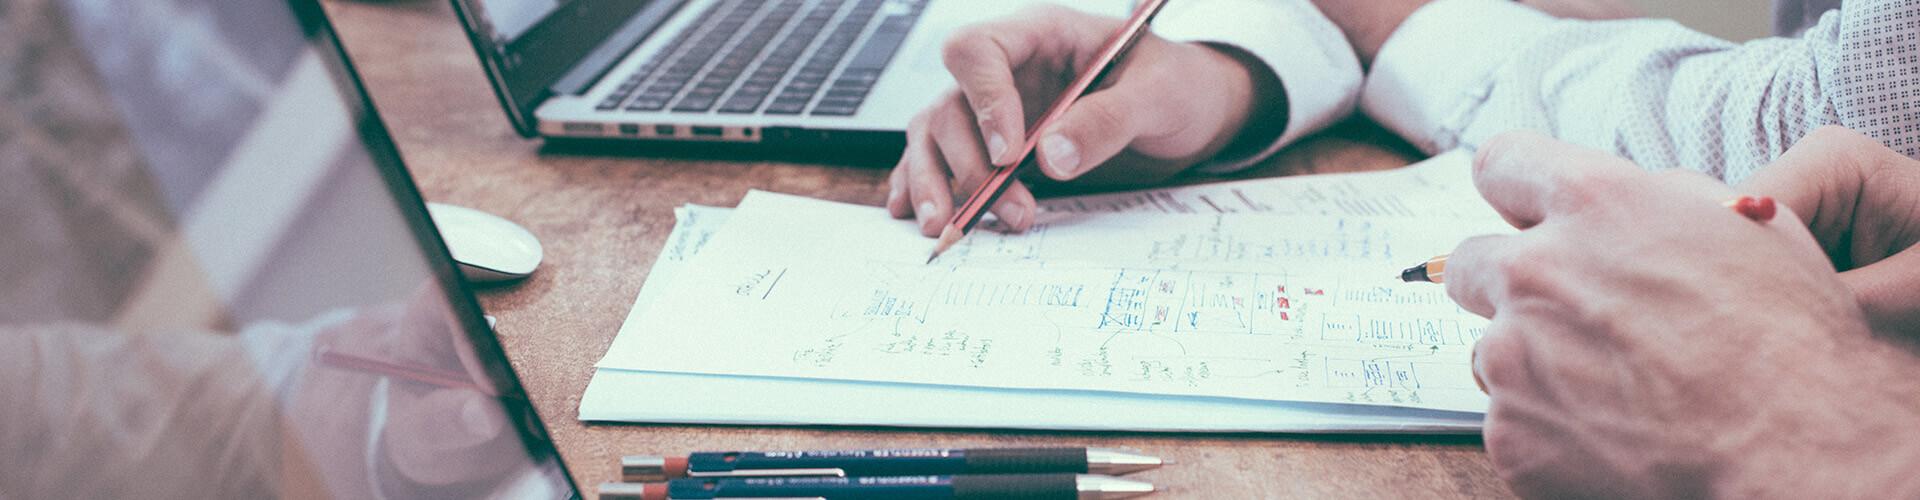 Prévoyance combinée 3a/3b : comment cela fonctionne ? | www.troisiemepiliersuisse.info